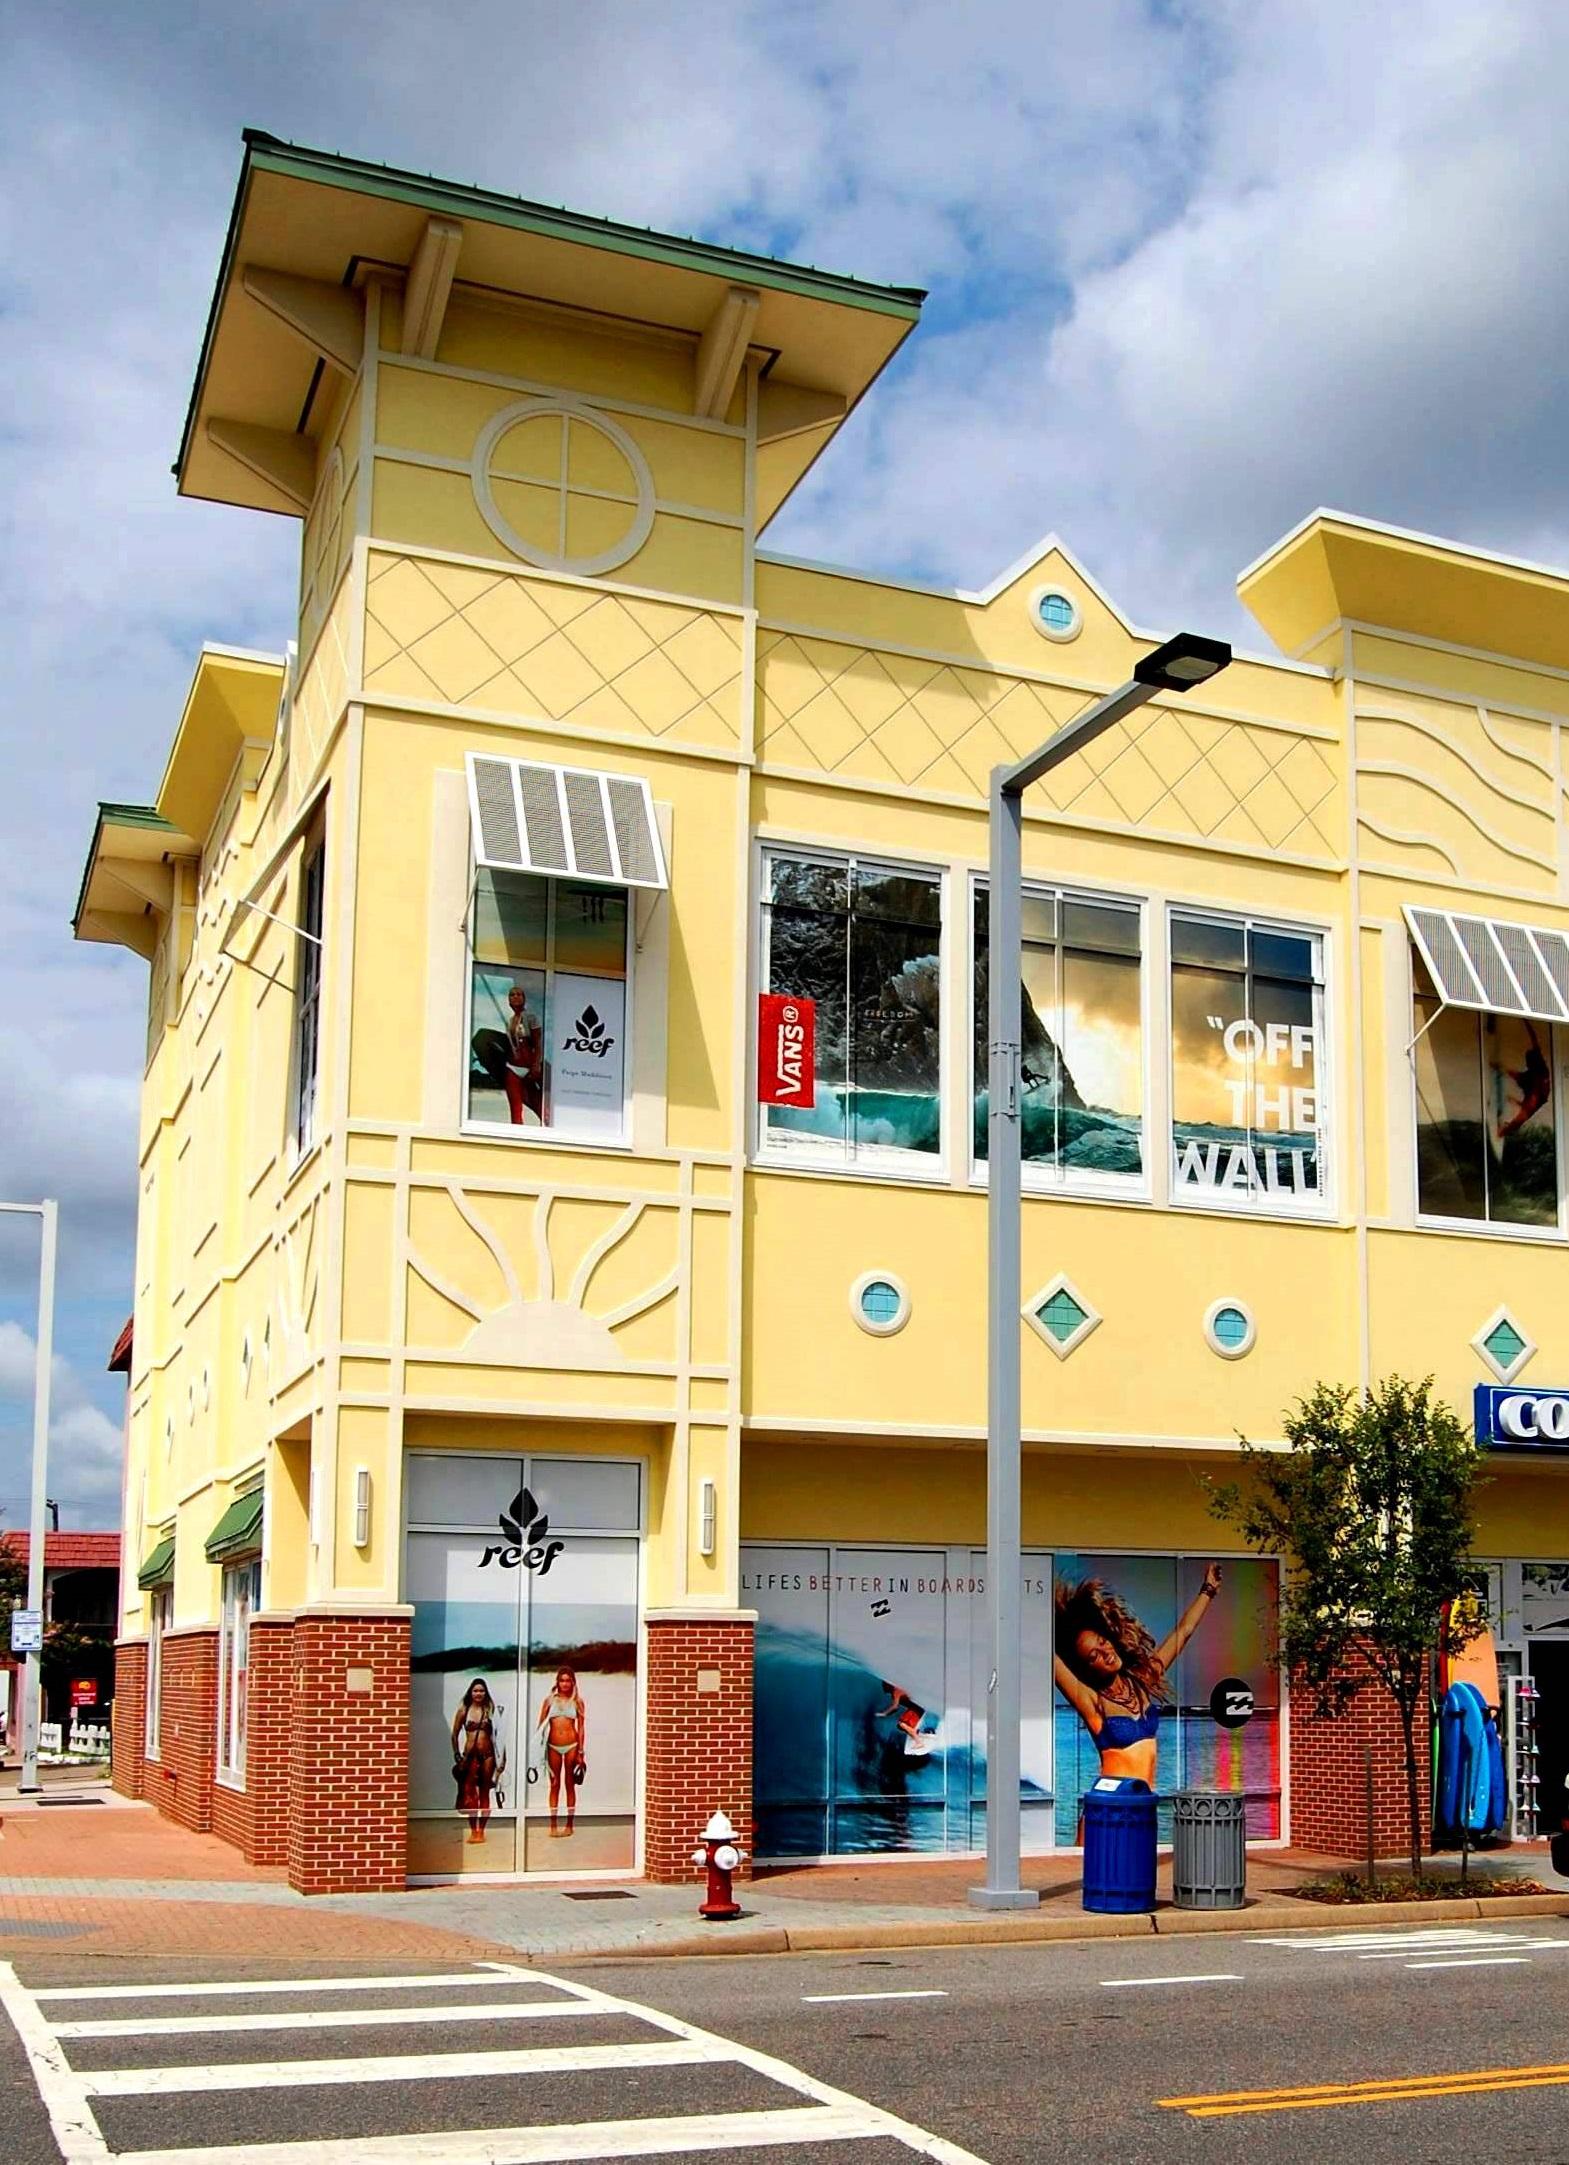 Ocean Sky Retail Center #commercial#shopping#retail#tourism#upscale#fun#social#VirginiaBeach